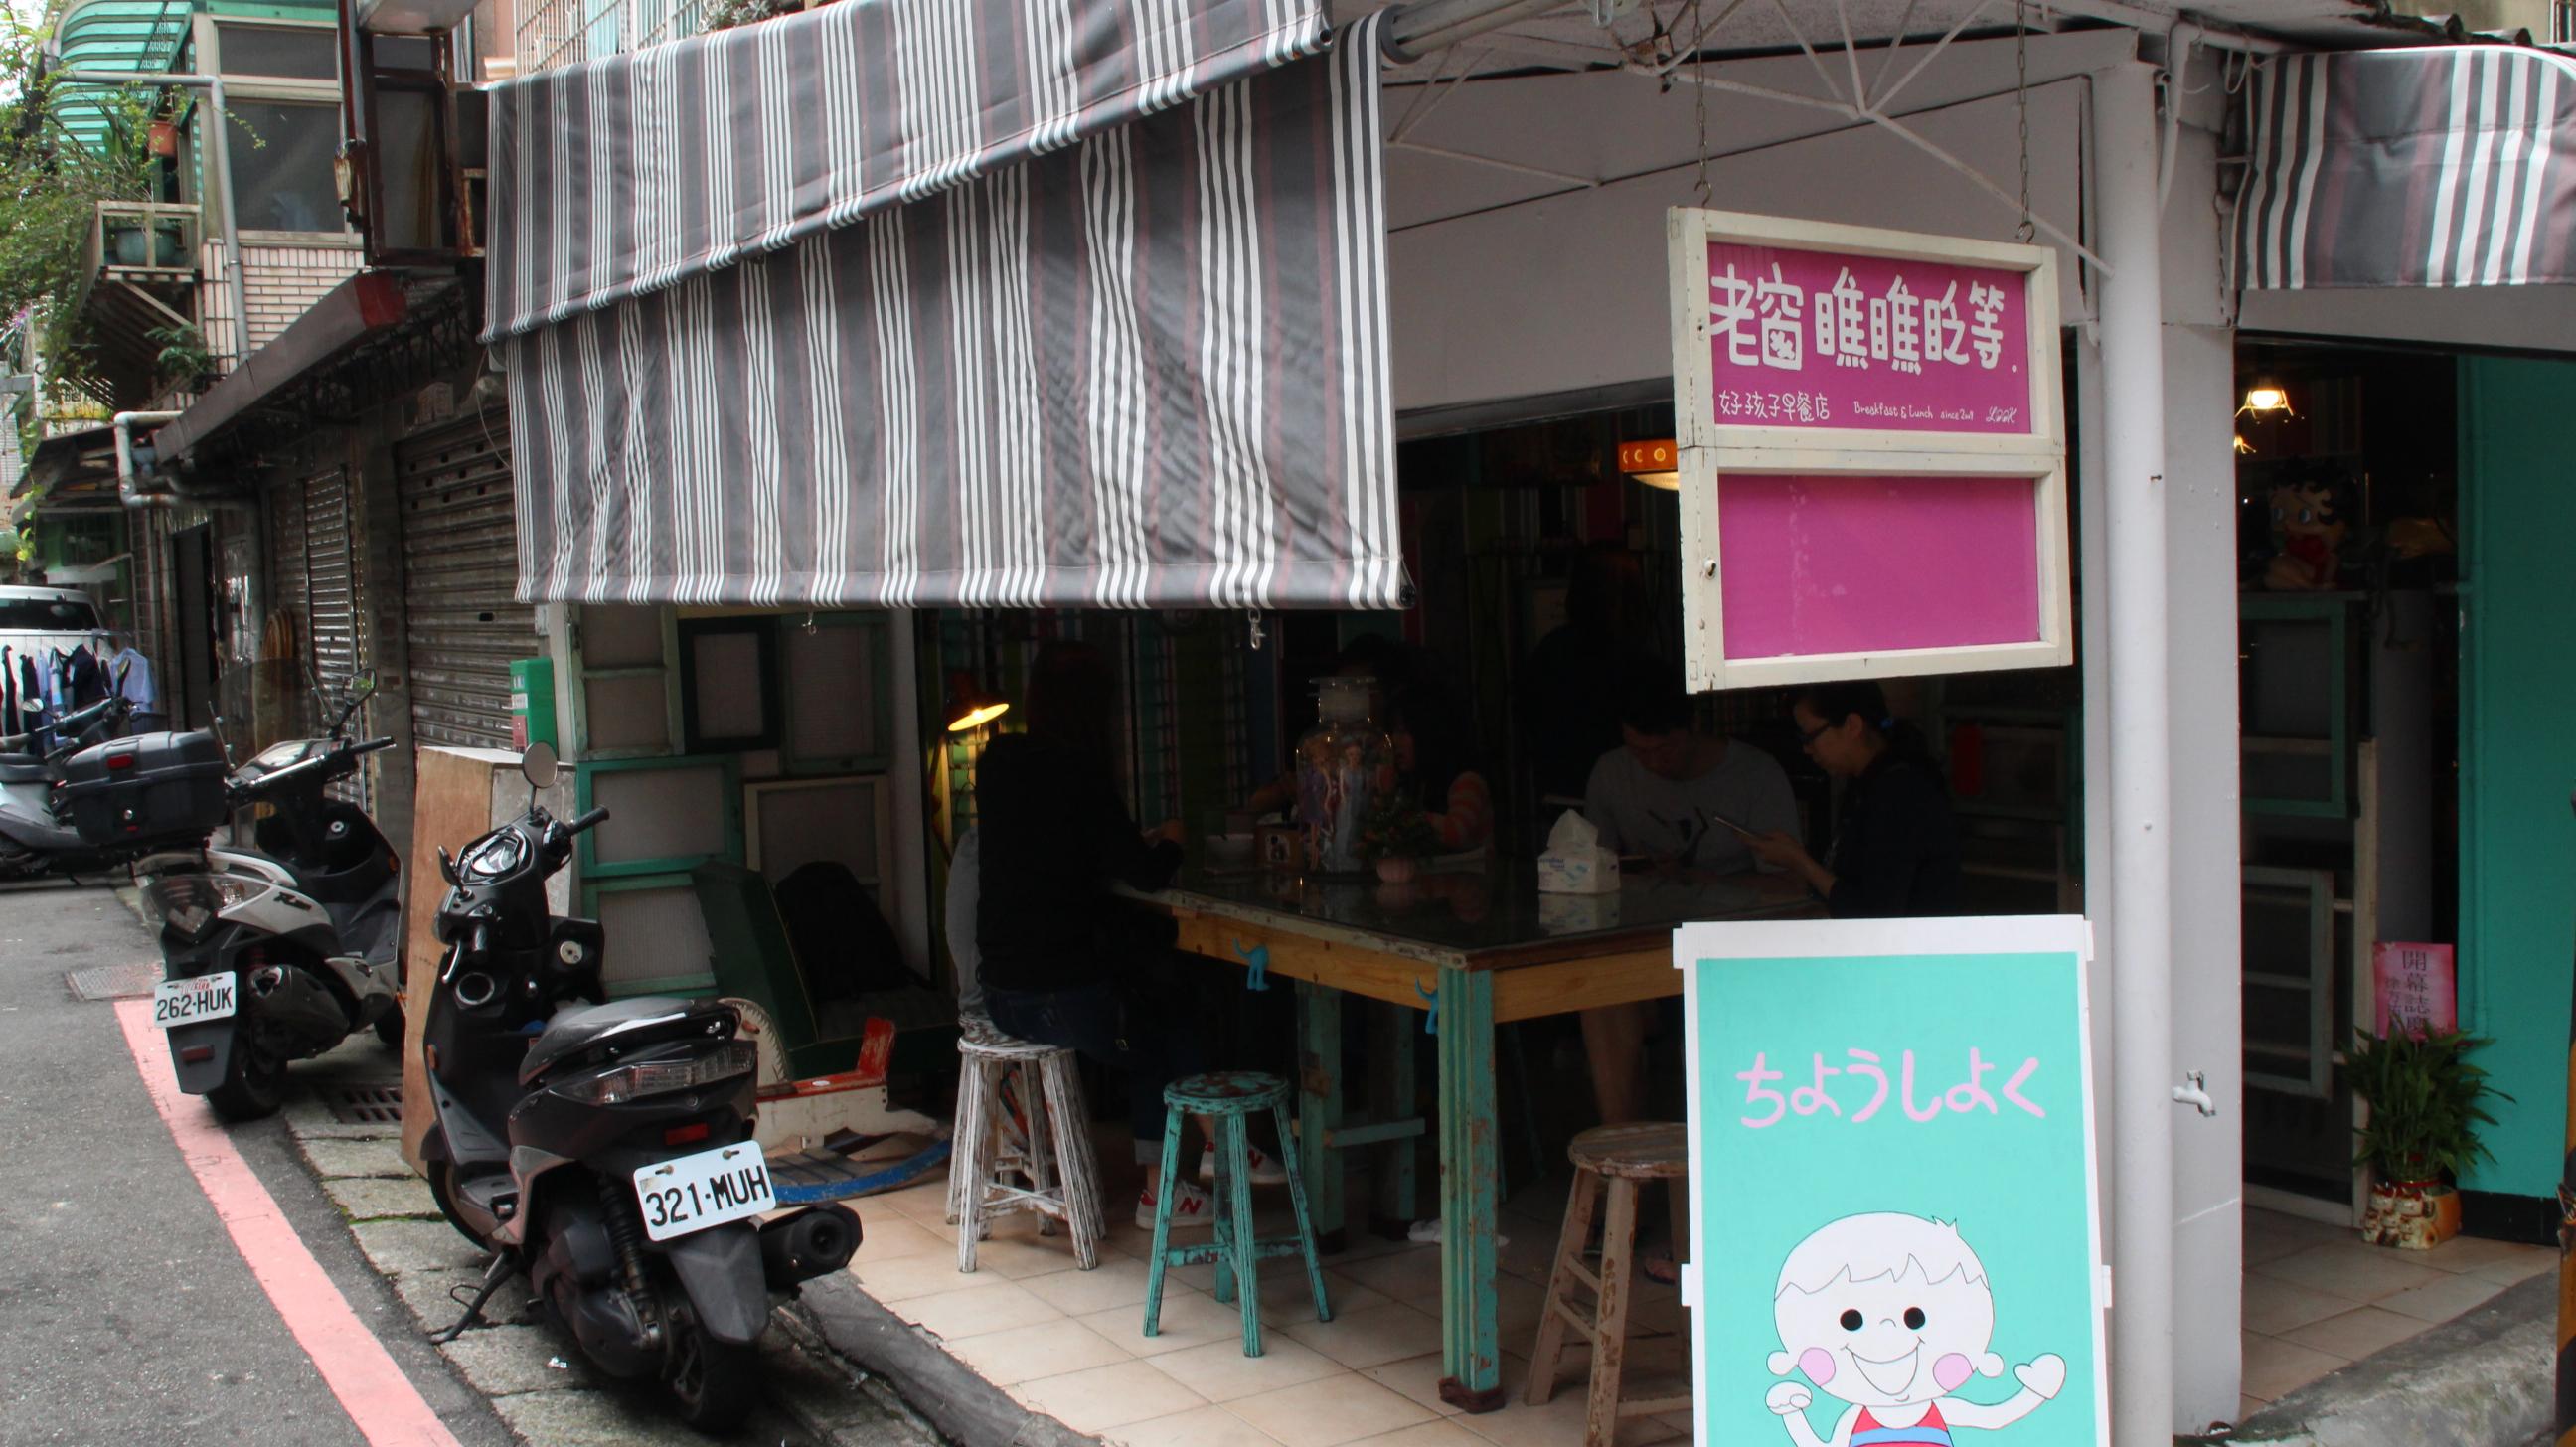 好孩子早餐店位於巷弄間,儘管如此,其餐點、裝潢的特色仍吸引許多人潮,獲得地方民眾肯定。